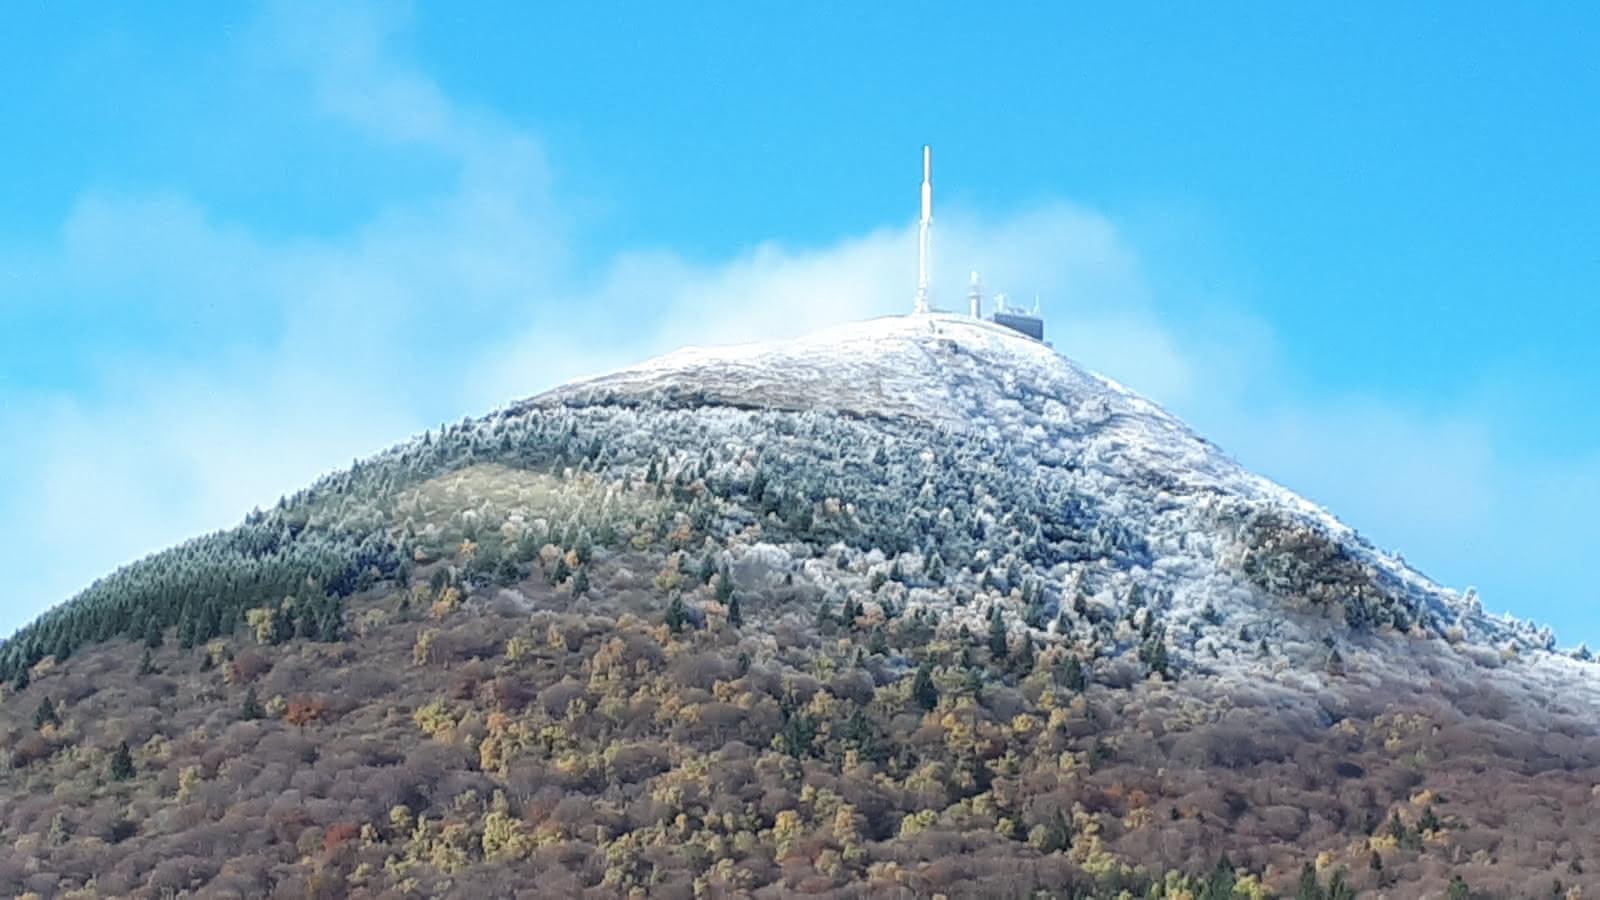 © Après-midi contes et légendes au sommet du puy de Dôme